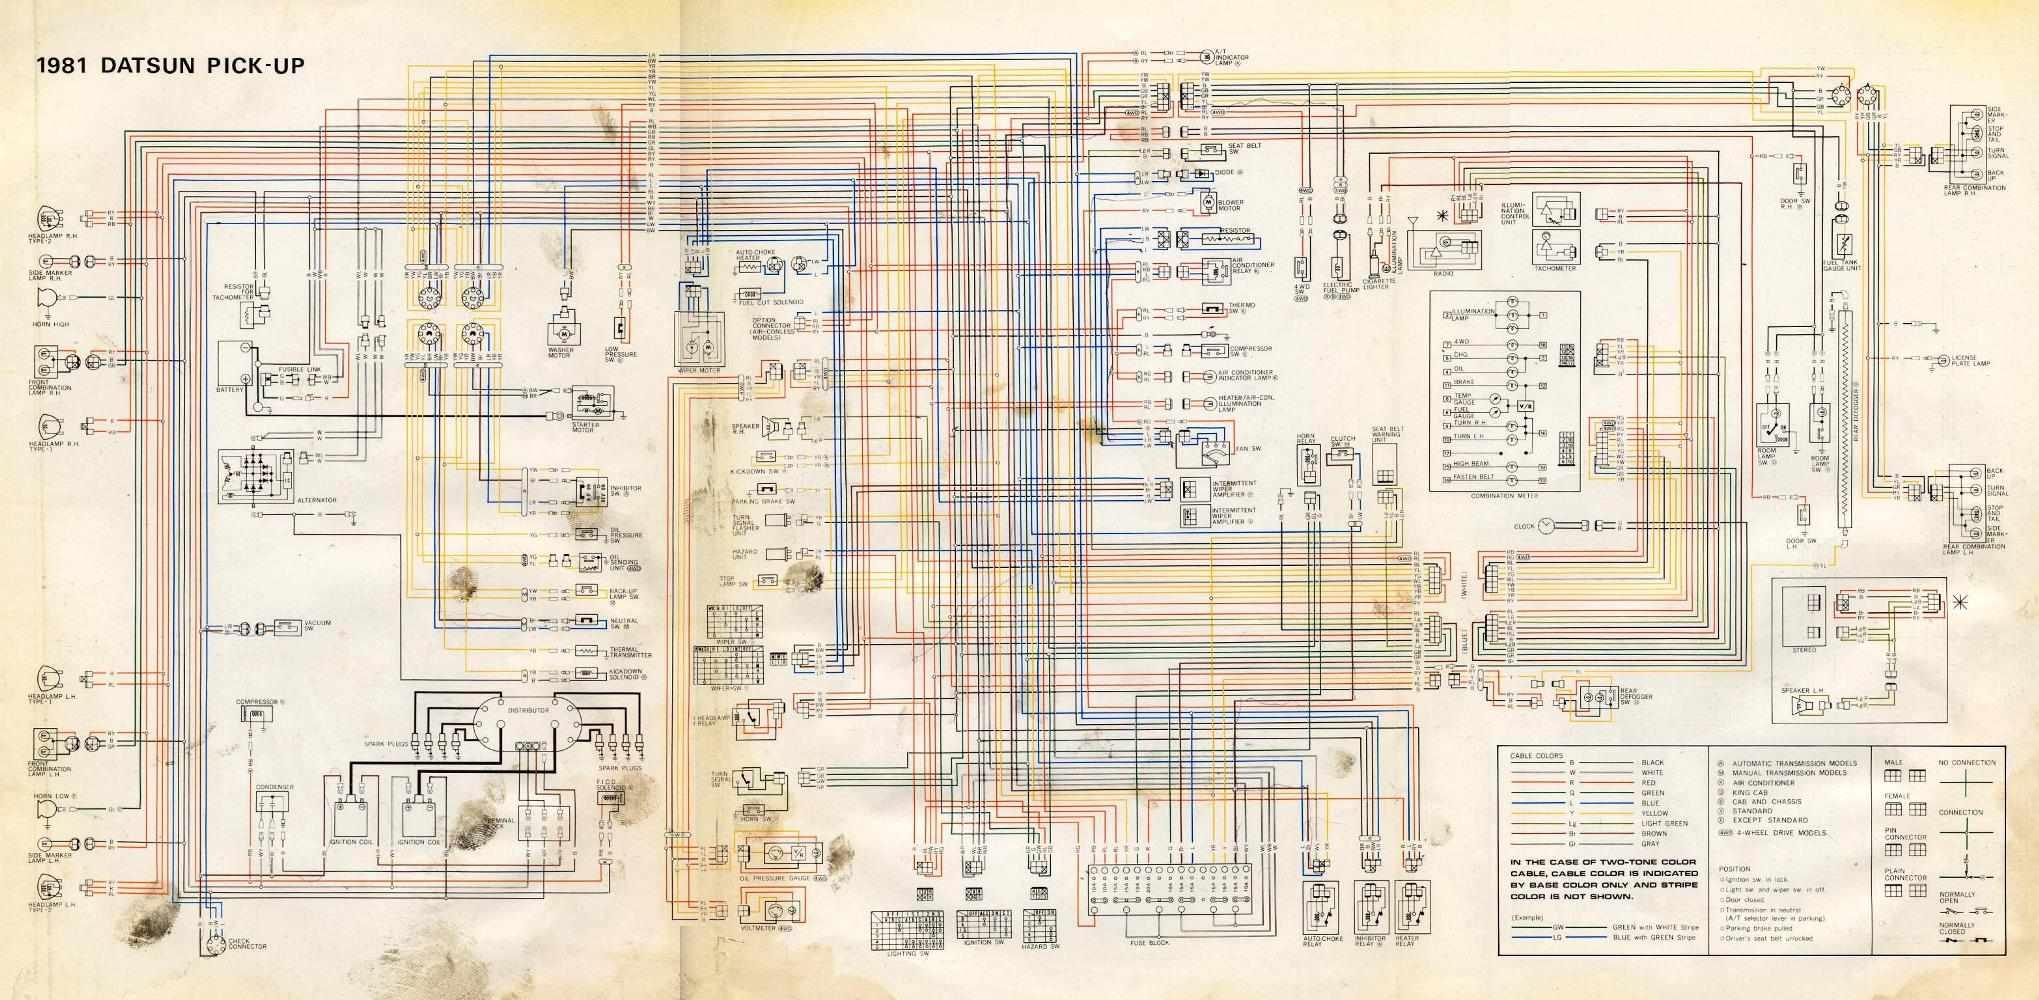 medium resolution of bluebird alternator wiring schematics simple wiring schema simplicity wiring schematic bluebird alternator wiring schematics